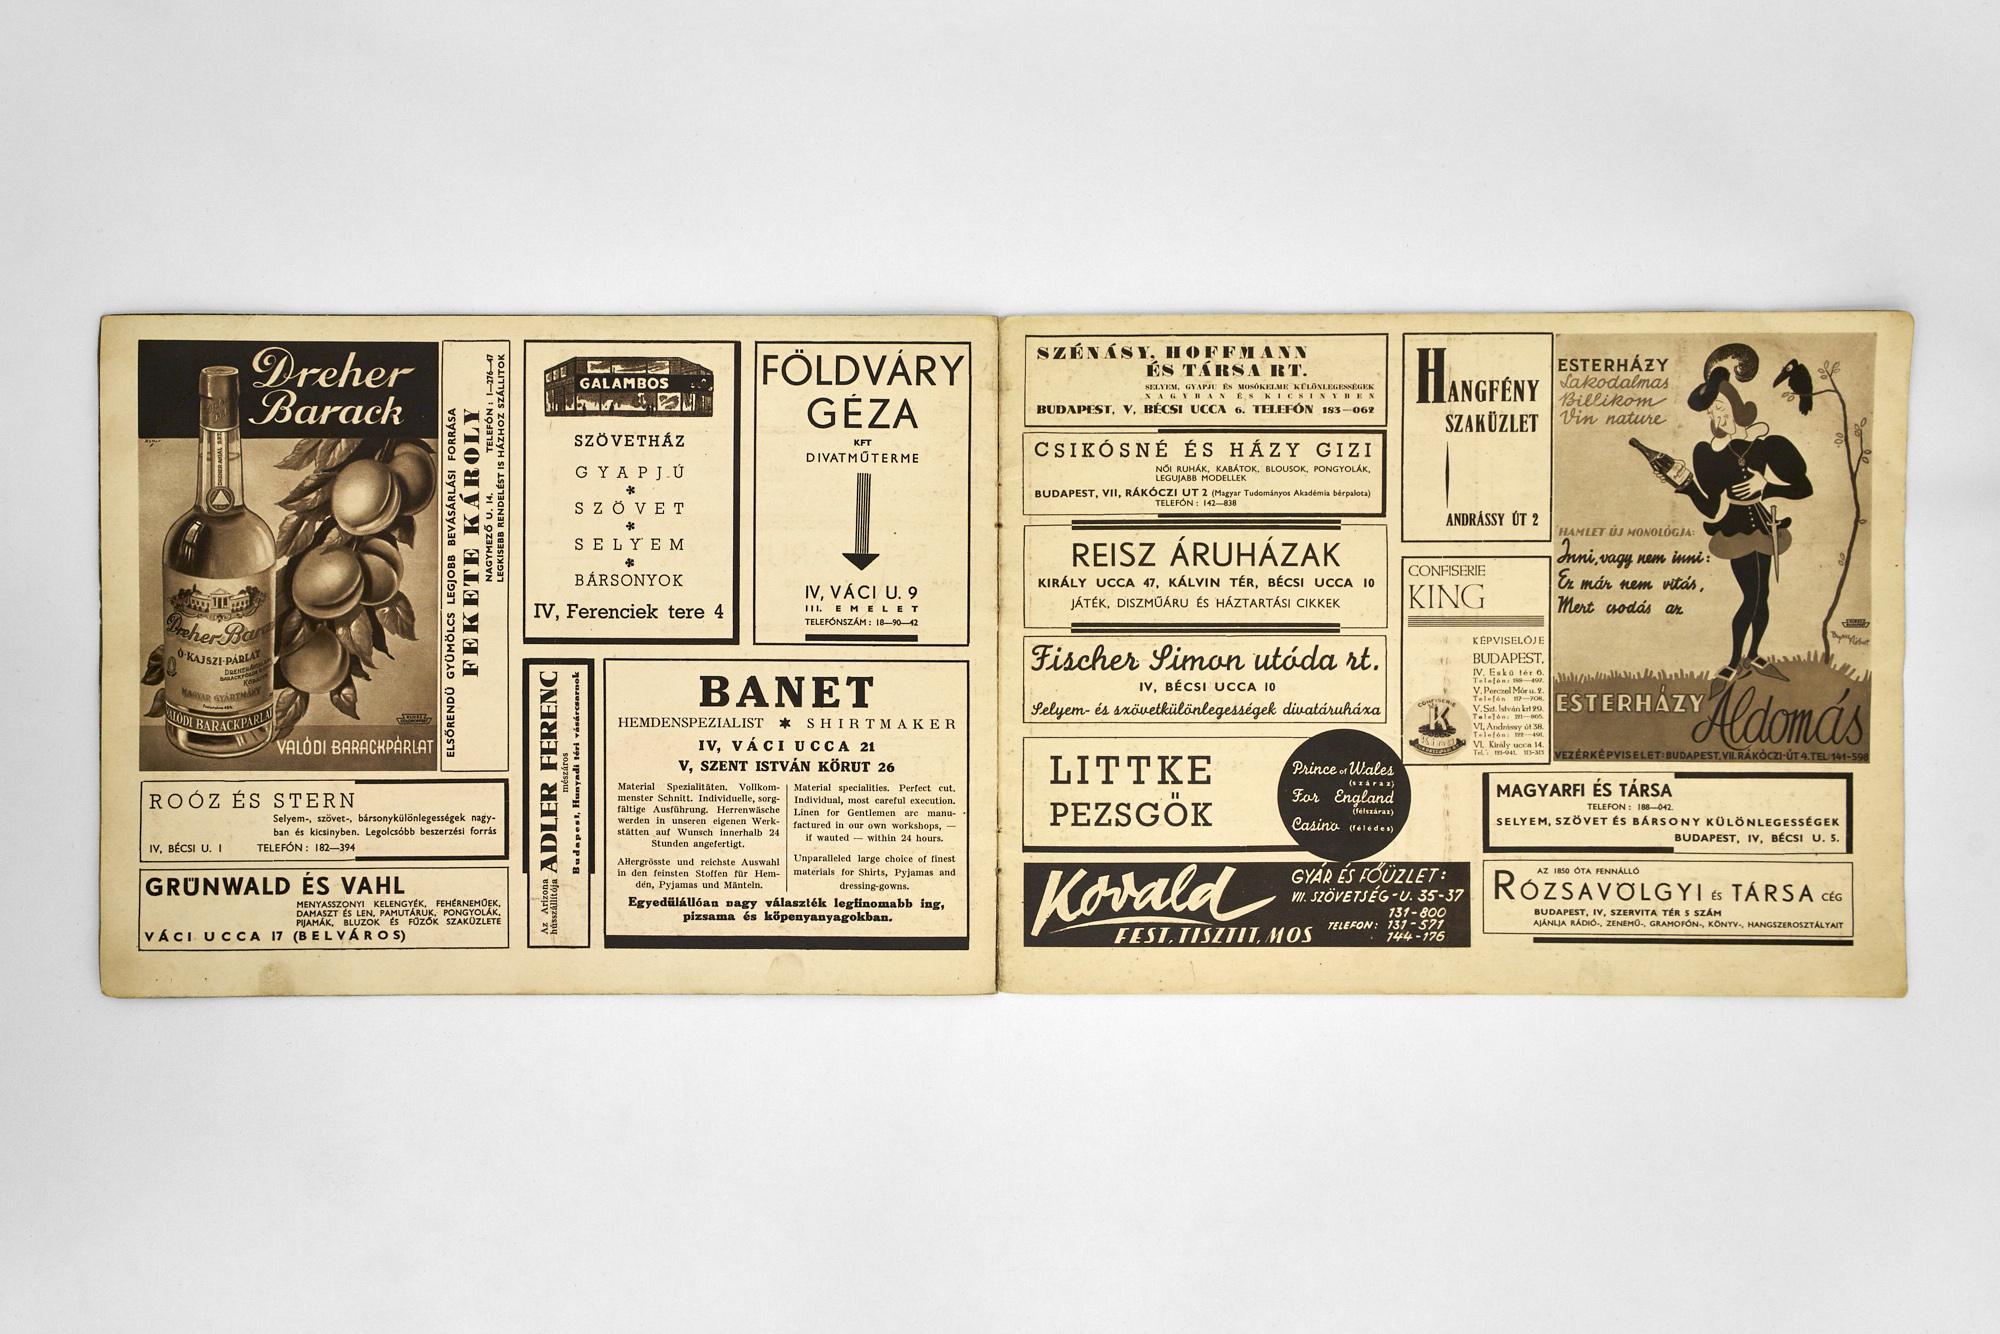 Az Arizona mulató programfüzete, 1940 (a Pécsi József Fotográfiai Szakkönyvtár tulajdona)